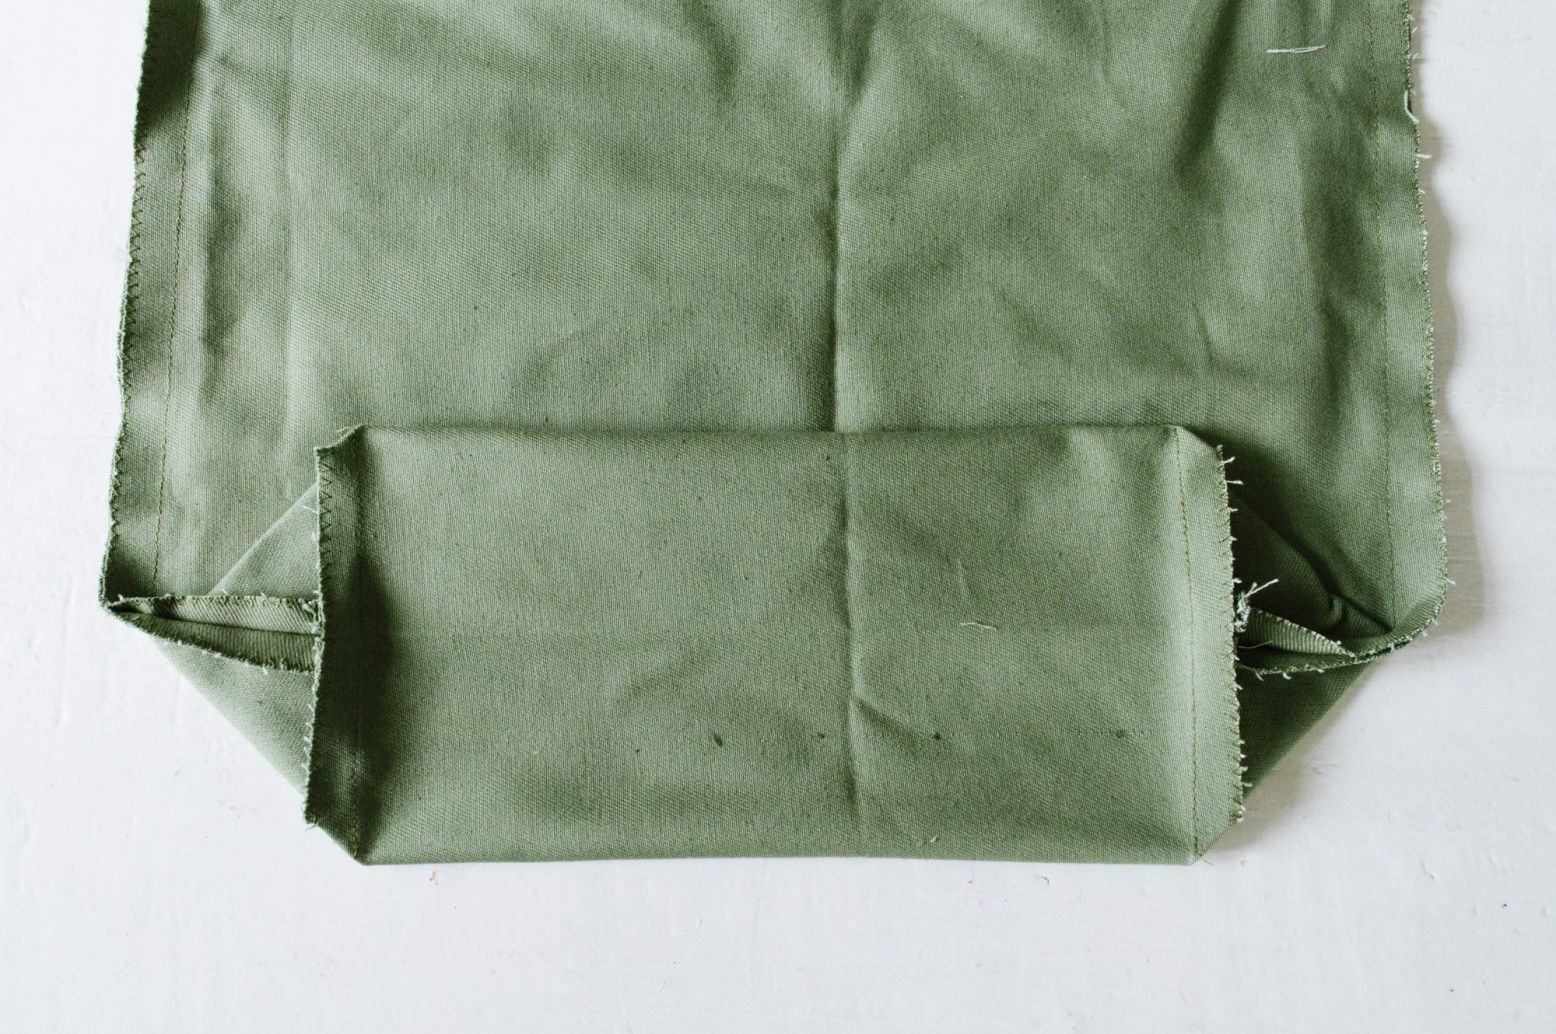 Các thao tác làm đáy túi tote (Nguồn: Internet)